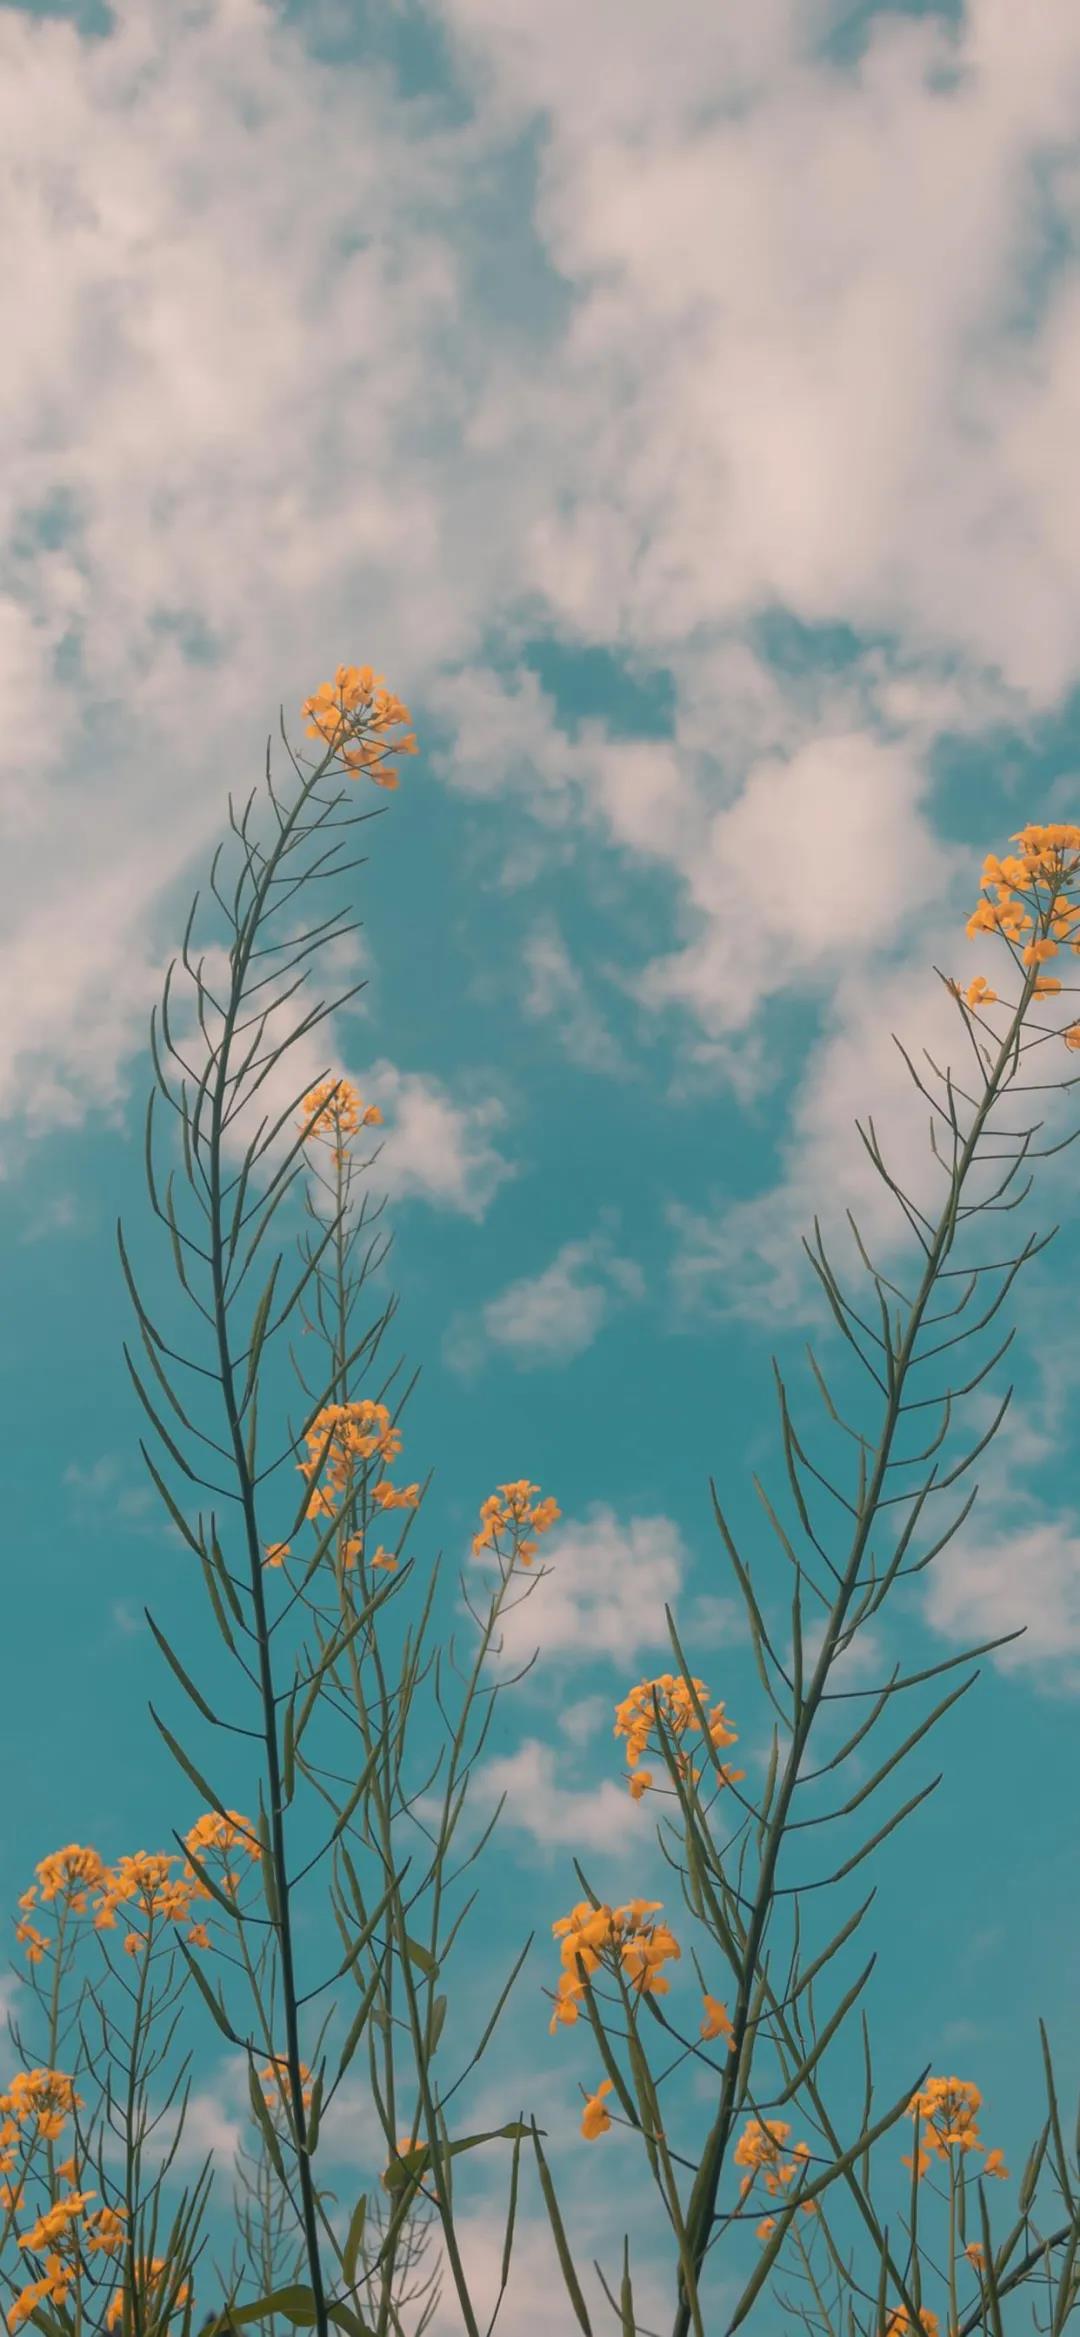 盛开的花朵唯美高清手机壁纸图片